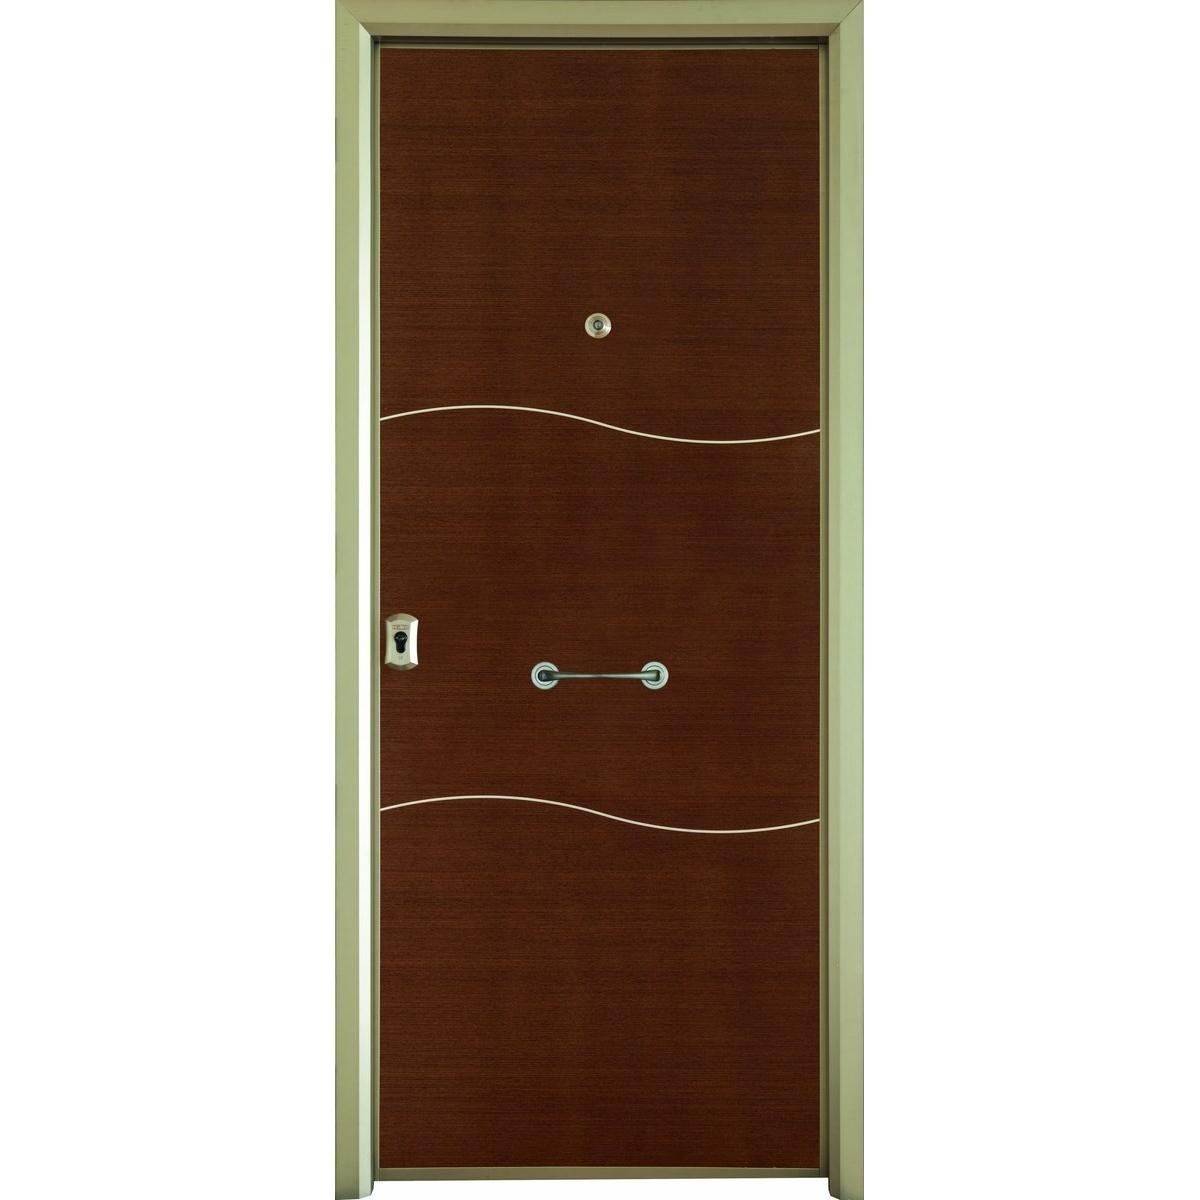 Puerta acorazada Turín en madera color wengué